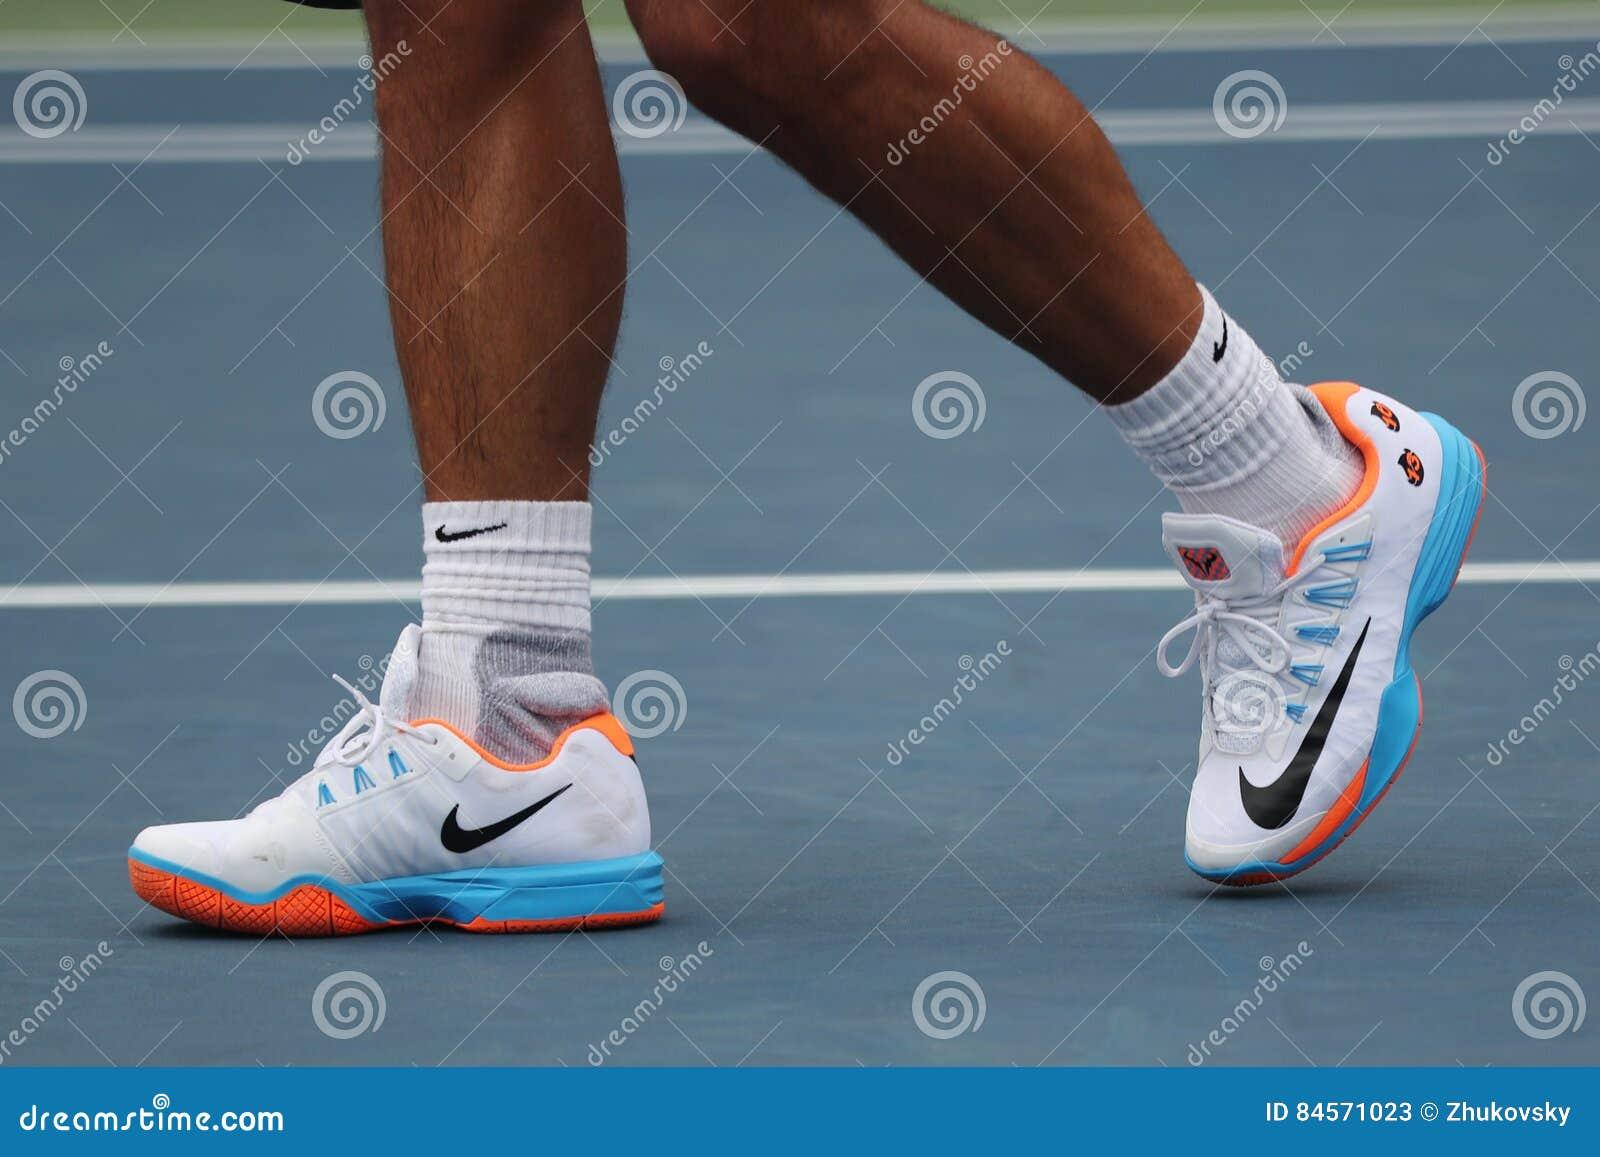 nike rafa chaussures